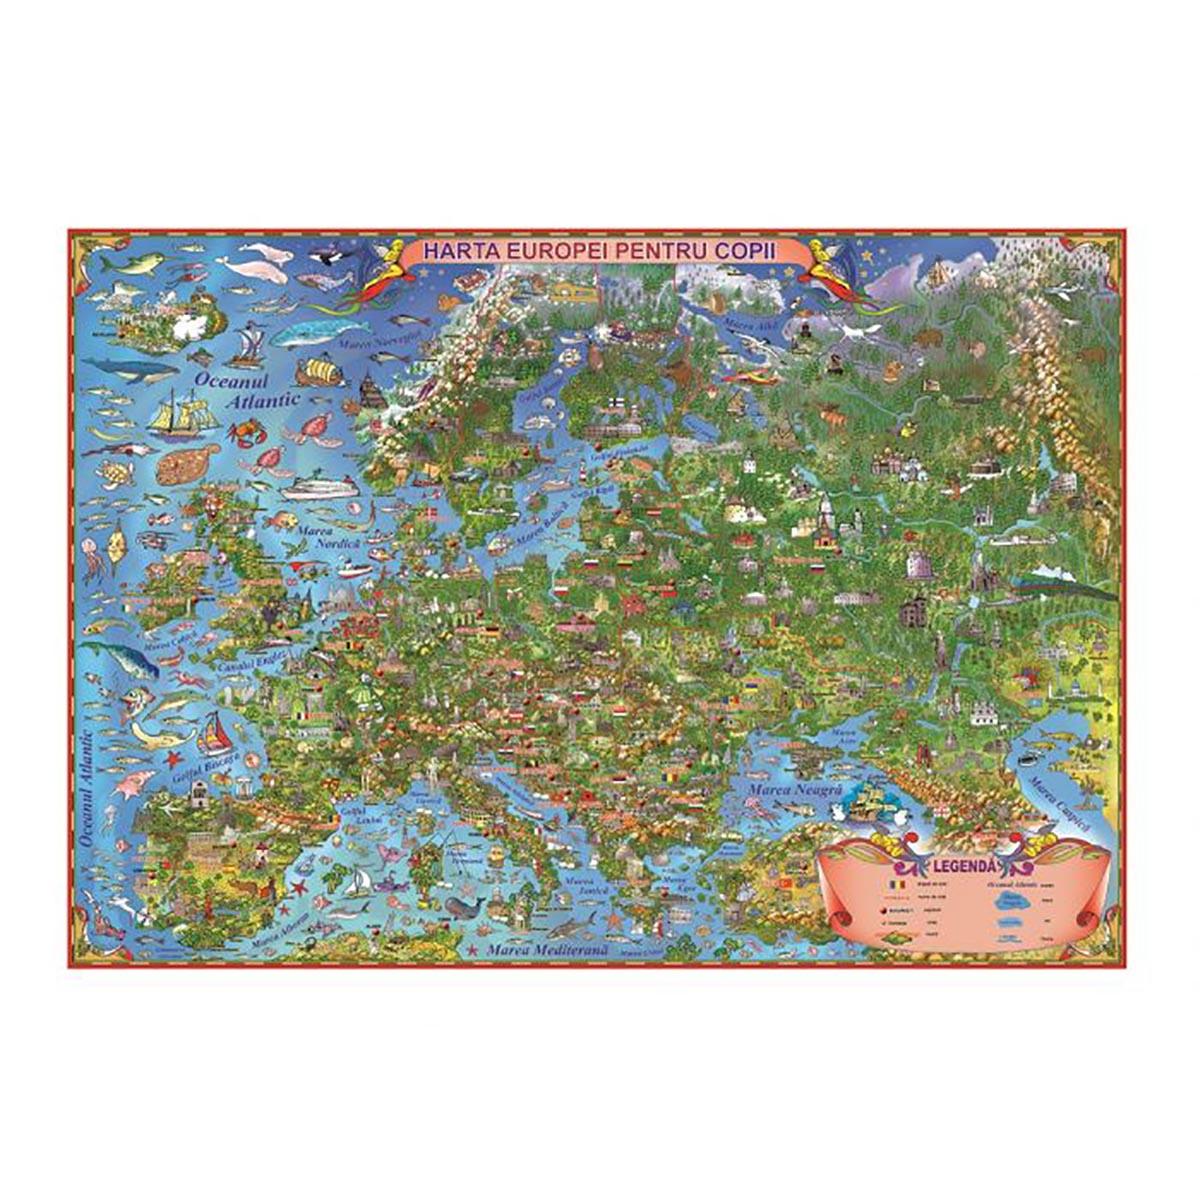 Harta Europei pentru copii Eurodidactica